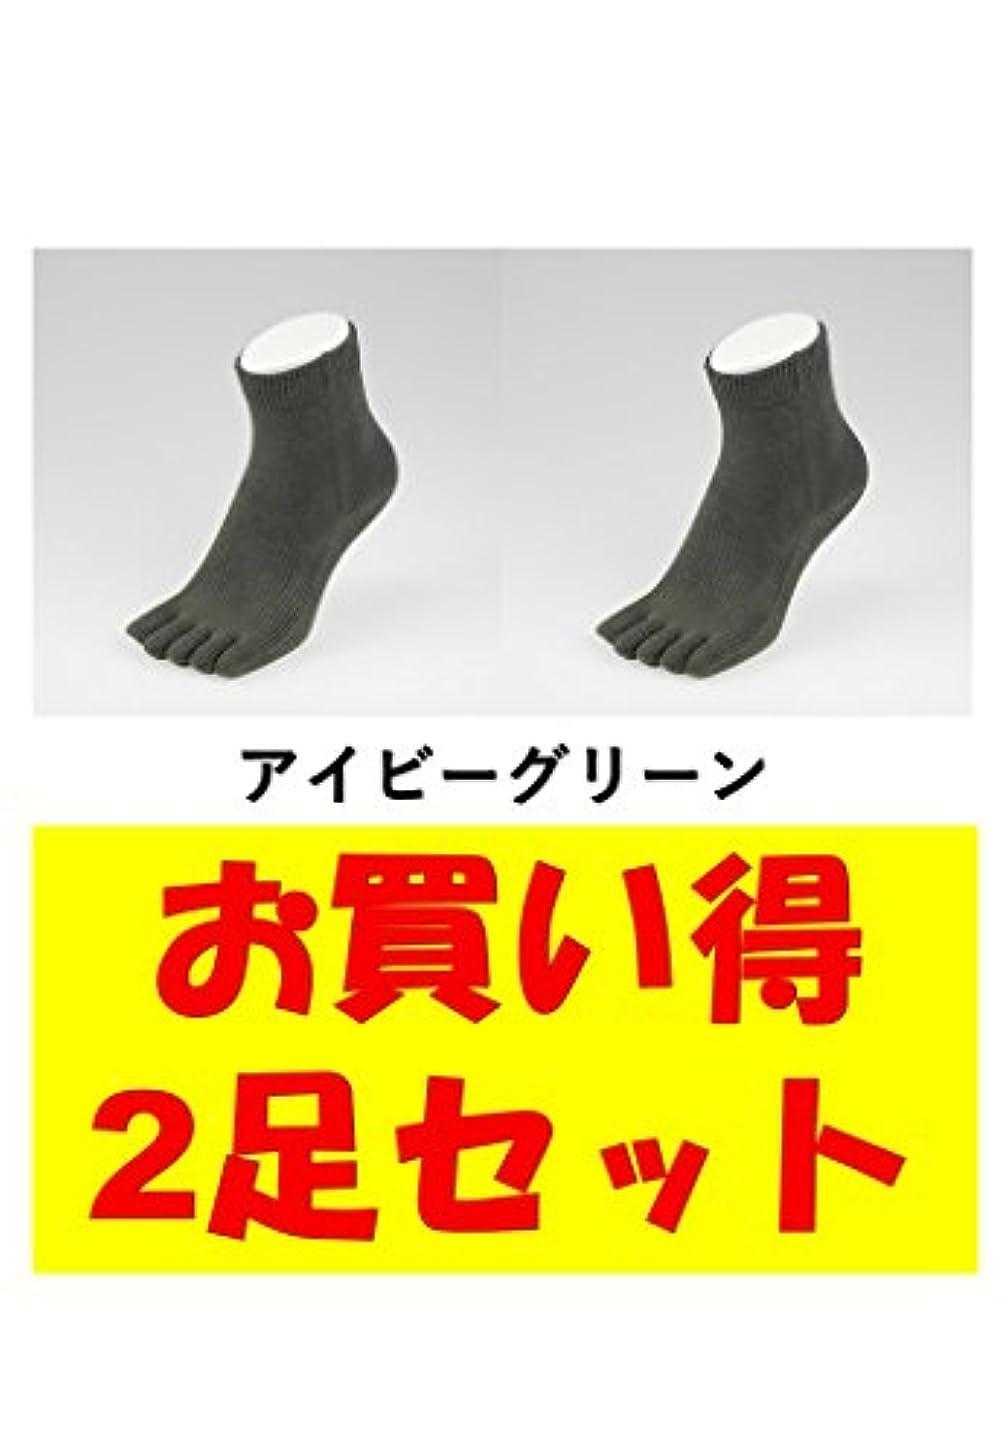 インフルエンザラメ名目上のお買い得2足セット 5本指 ゆびのばソックス Neo EVE(イヴ) アイビーグリーン iサイズ(23.5cm - 25.5cm) YSNEVE-IGR